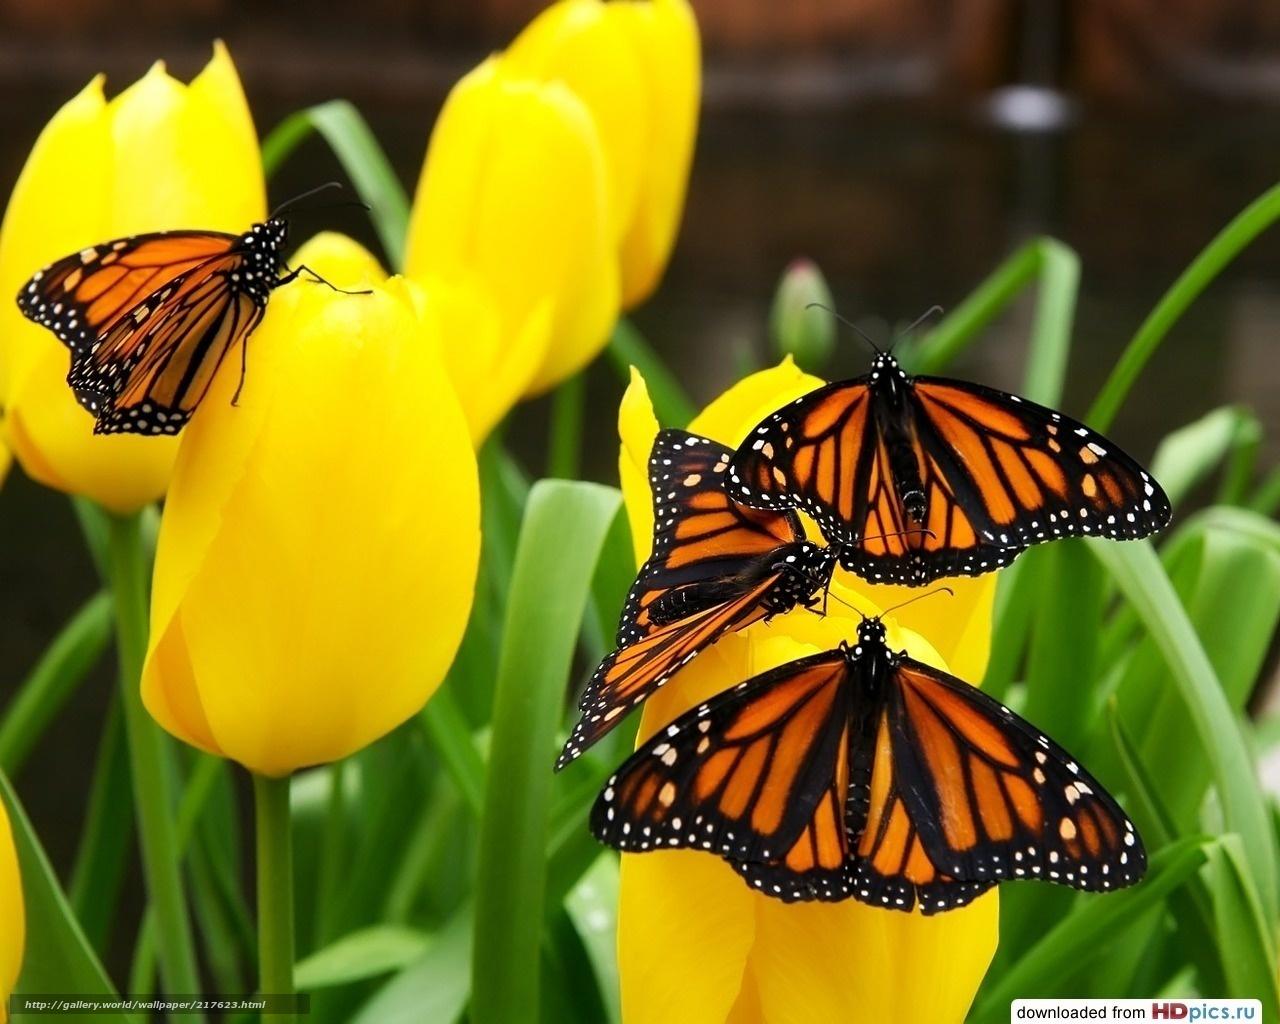 Scaricare gli sfondi farfalle sui fiori tulipani gialli for Immagini farfalle per desktop